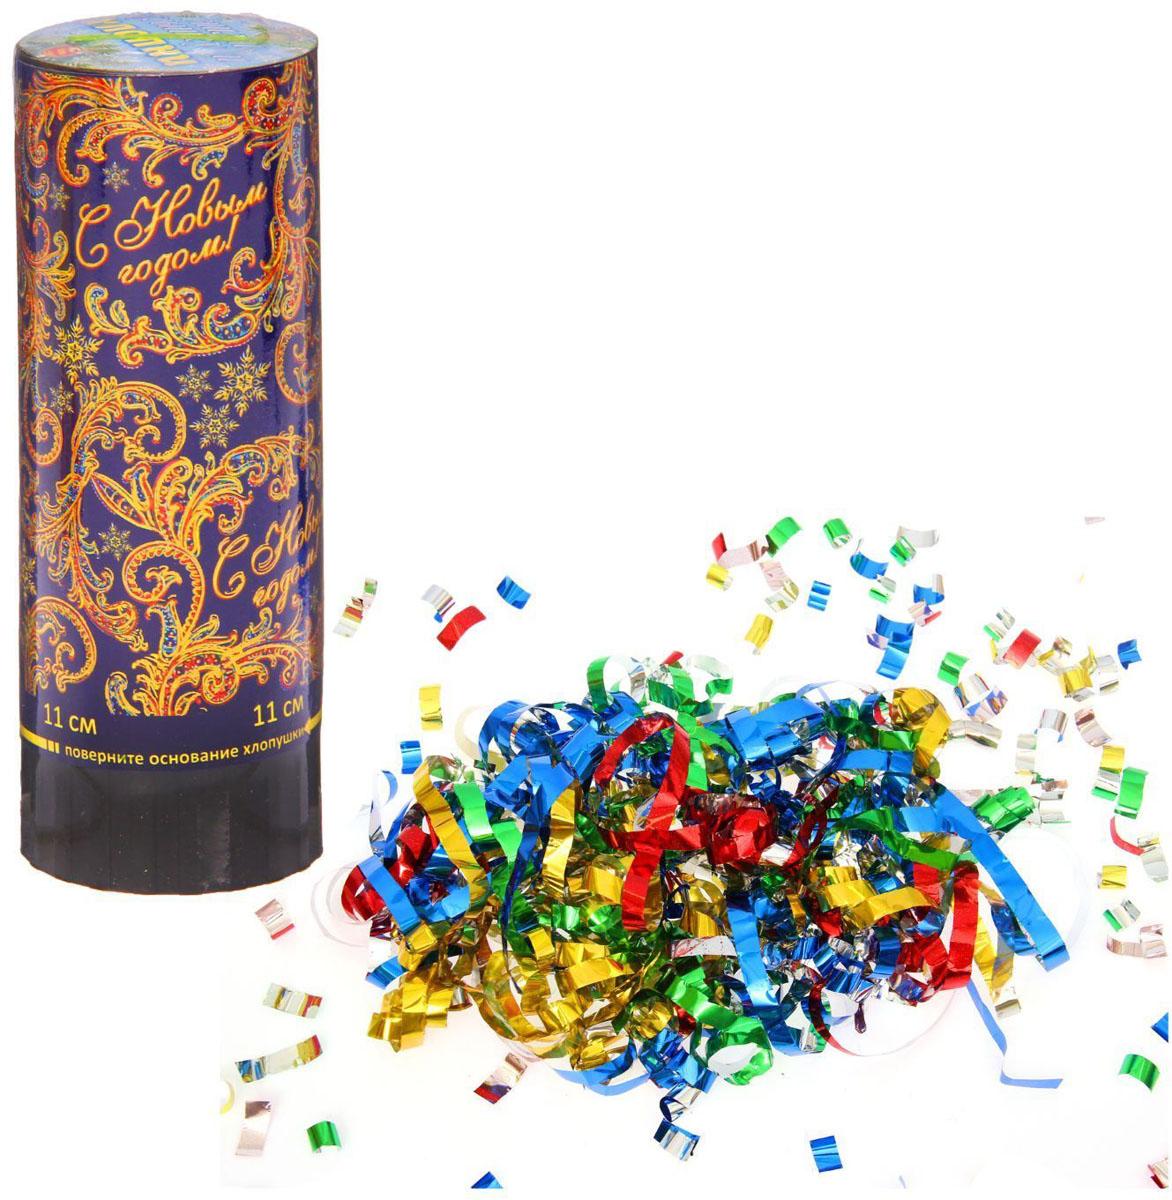 Хлопушка поворотная Страна Карнавалия С новым годом. Узоры, цвет: синий, длина 11 см1076007Зажгите самую волшебную ночь года заводным весельем; устройте вечеринку и непременно встретьте бой курантов яркими фейерверками и хлопушками. Поворотная хлопушка С новым годом. Узоры, конфетти + фольга серпантин с авторским новогодним принтом станет вашей маленькой помощницей в создании праздника. Удивите друзей и родных разноцветным взрывом радости, в виде серпантина и конфетти.На изделии есть подробная инструкция по применению. Чтобы гости не скучали, раздайте им по хлопушке и вселитесь от души! Длина: 11 см.